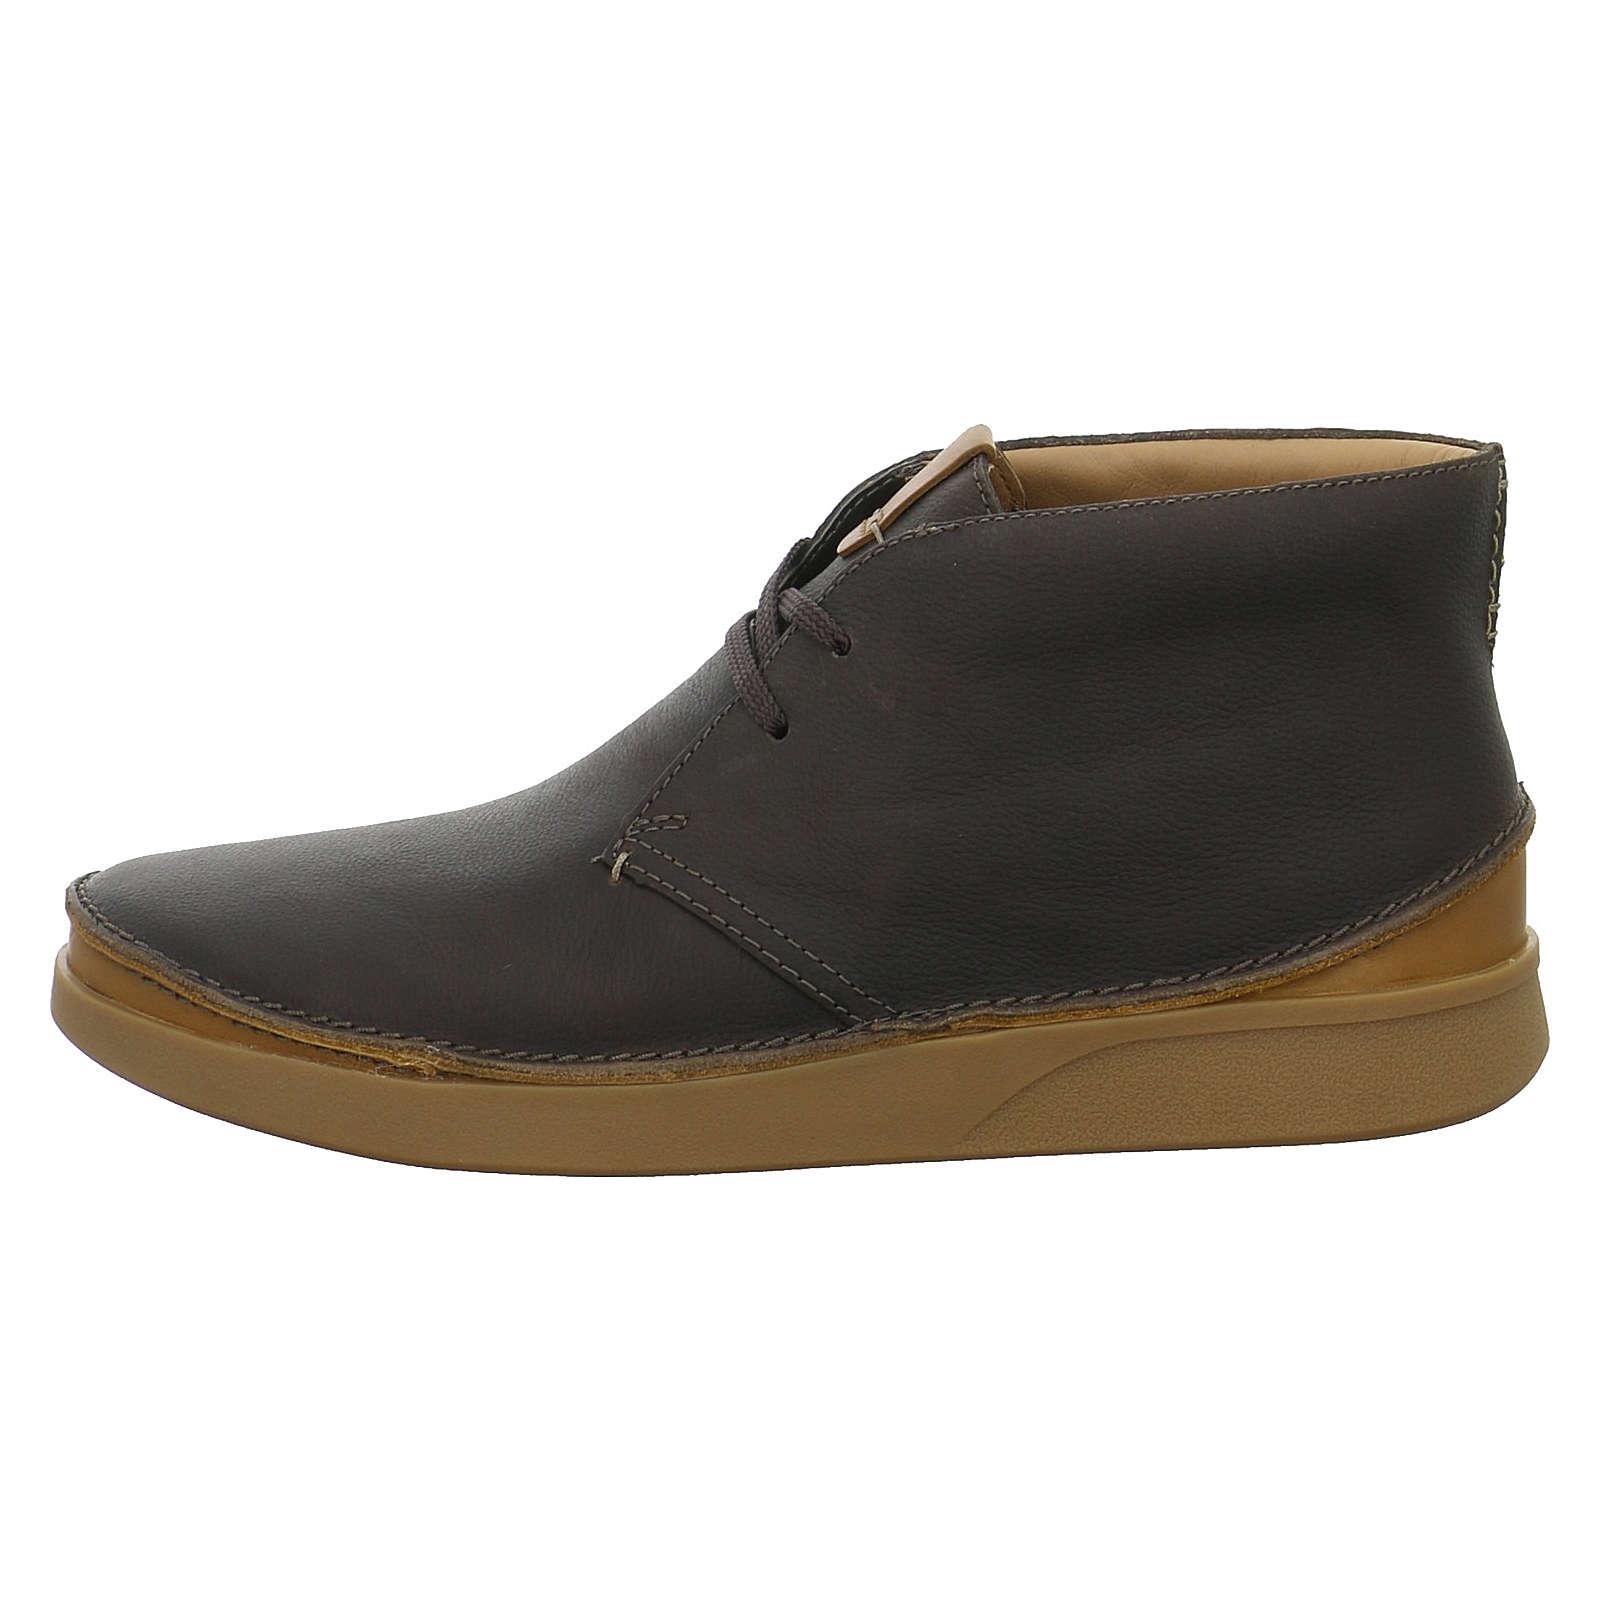 Clarks Boots Oakland Rise braun Herren Gr. 45